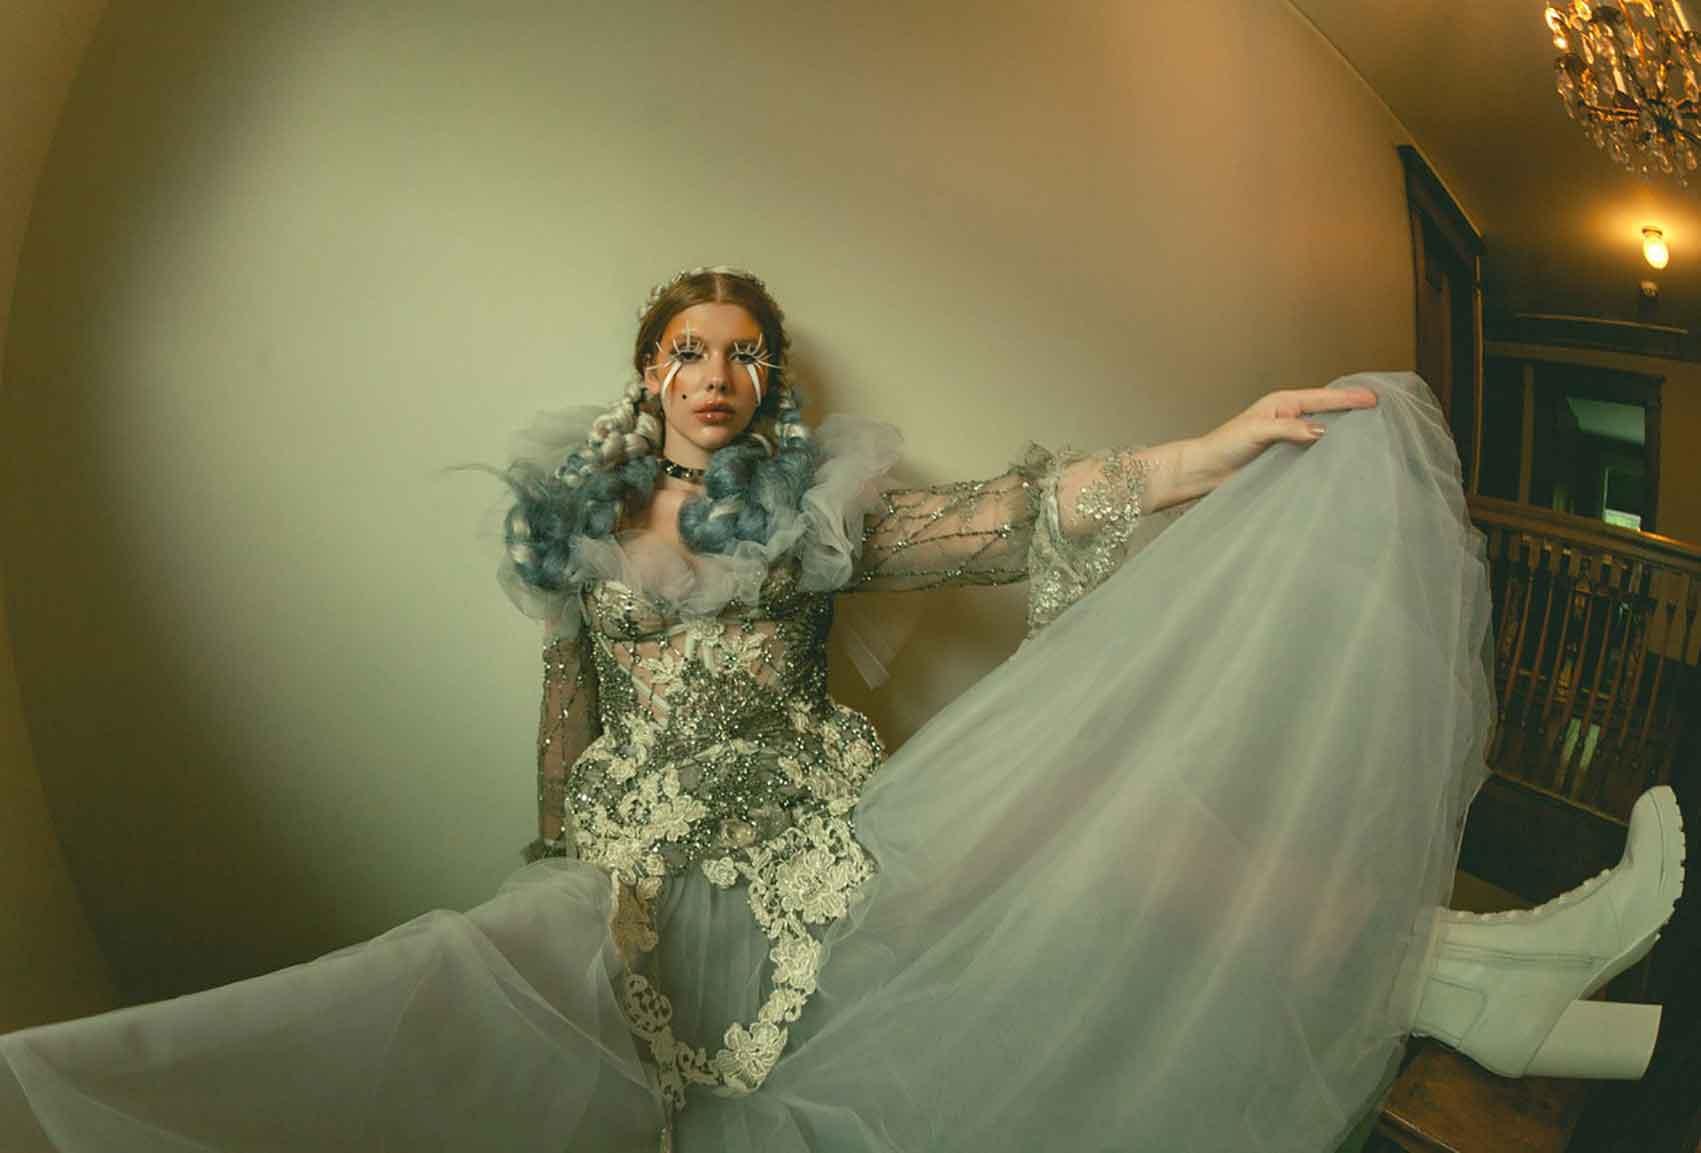 שמלה-ויקטוריאנית-טרנדים-סטייל-MonaLizabeth-